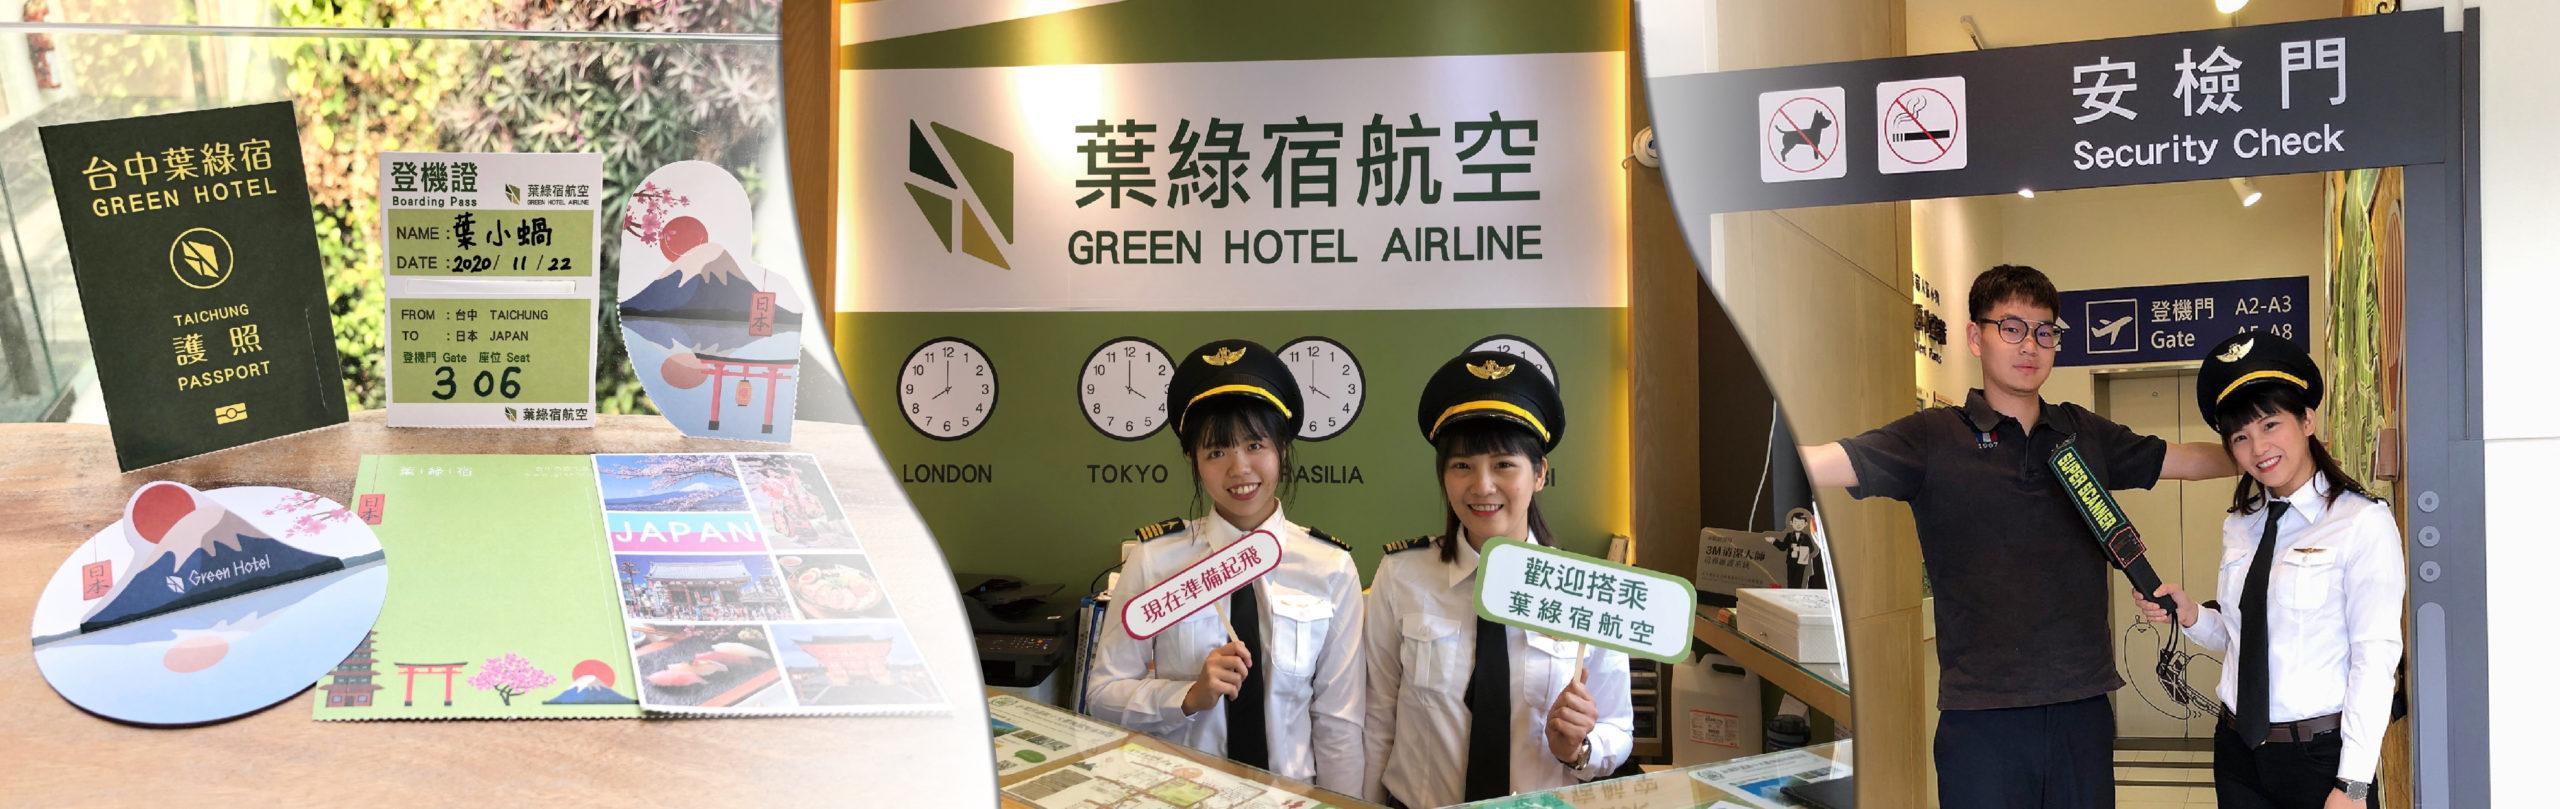 葉綠宿航空 安檢門 護照 官網Banner